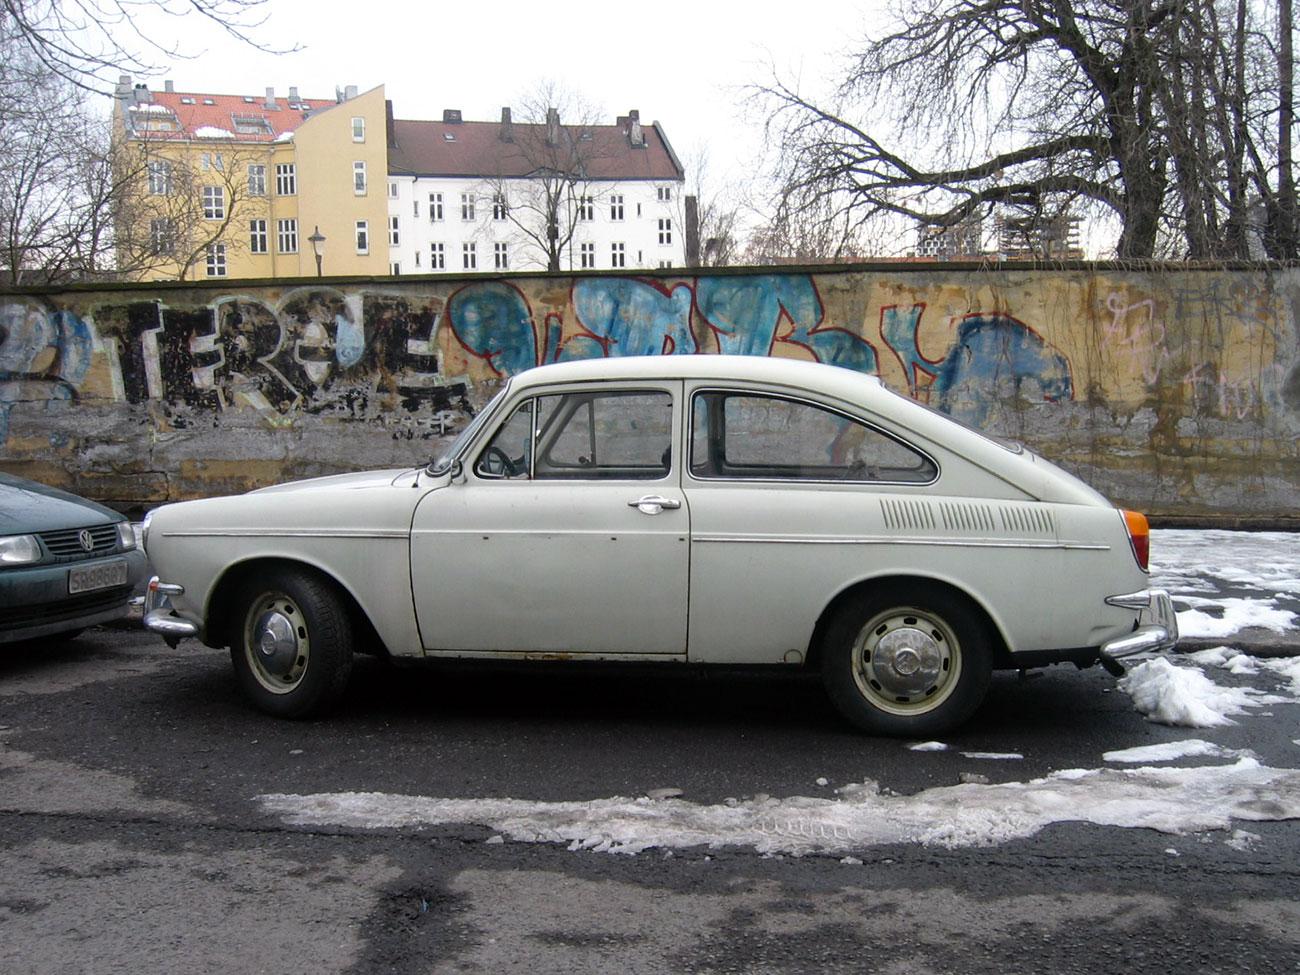 1969 Volkswagen 1600 TL Fastback Type 3